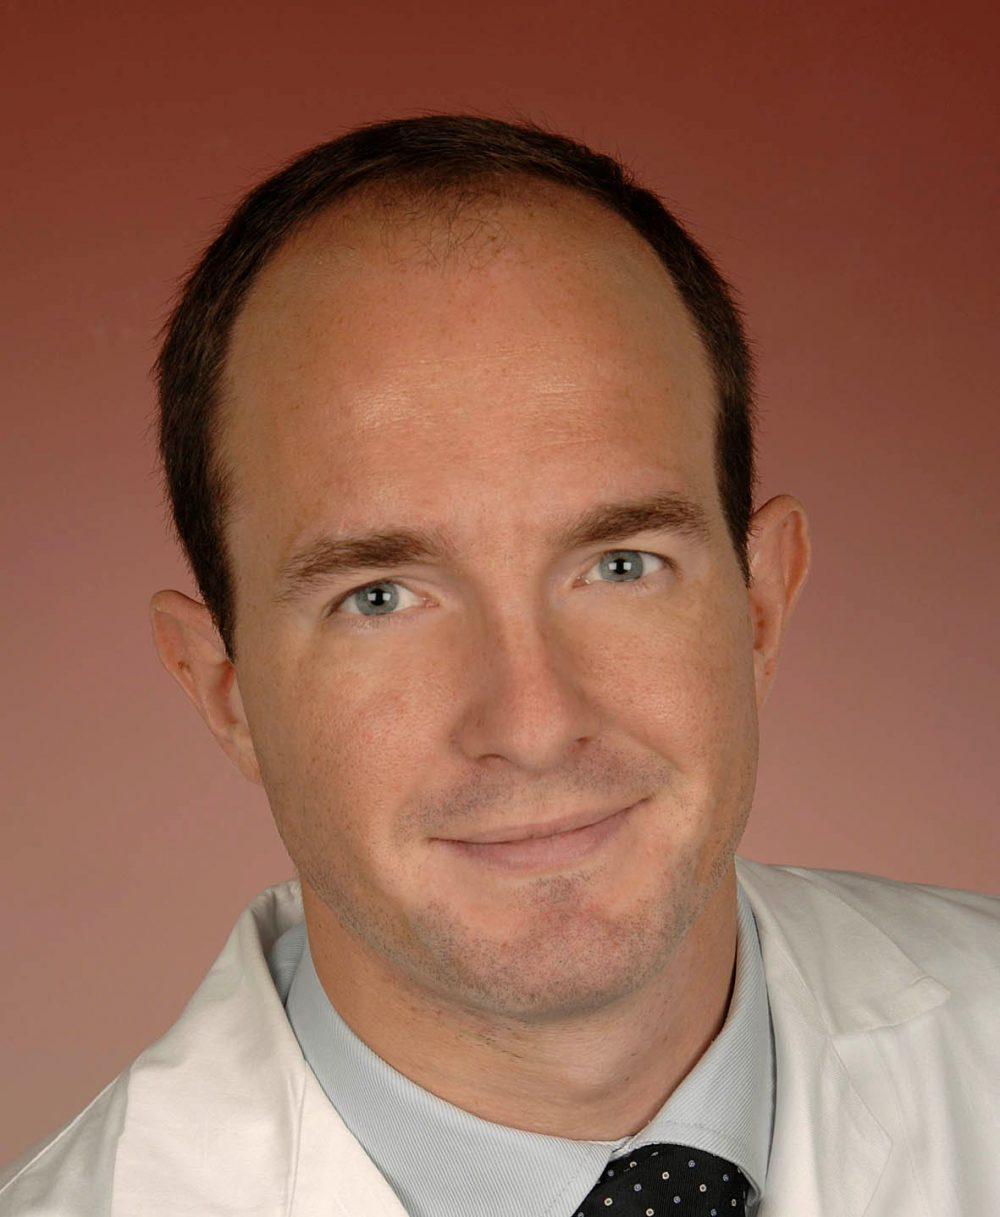 Univ. Prov. Dr. Martin Schillinger